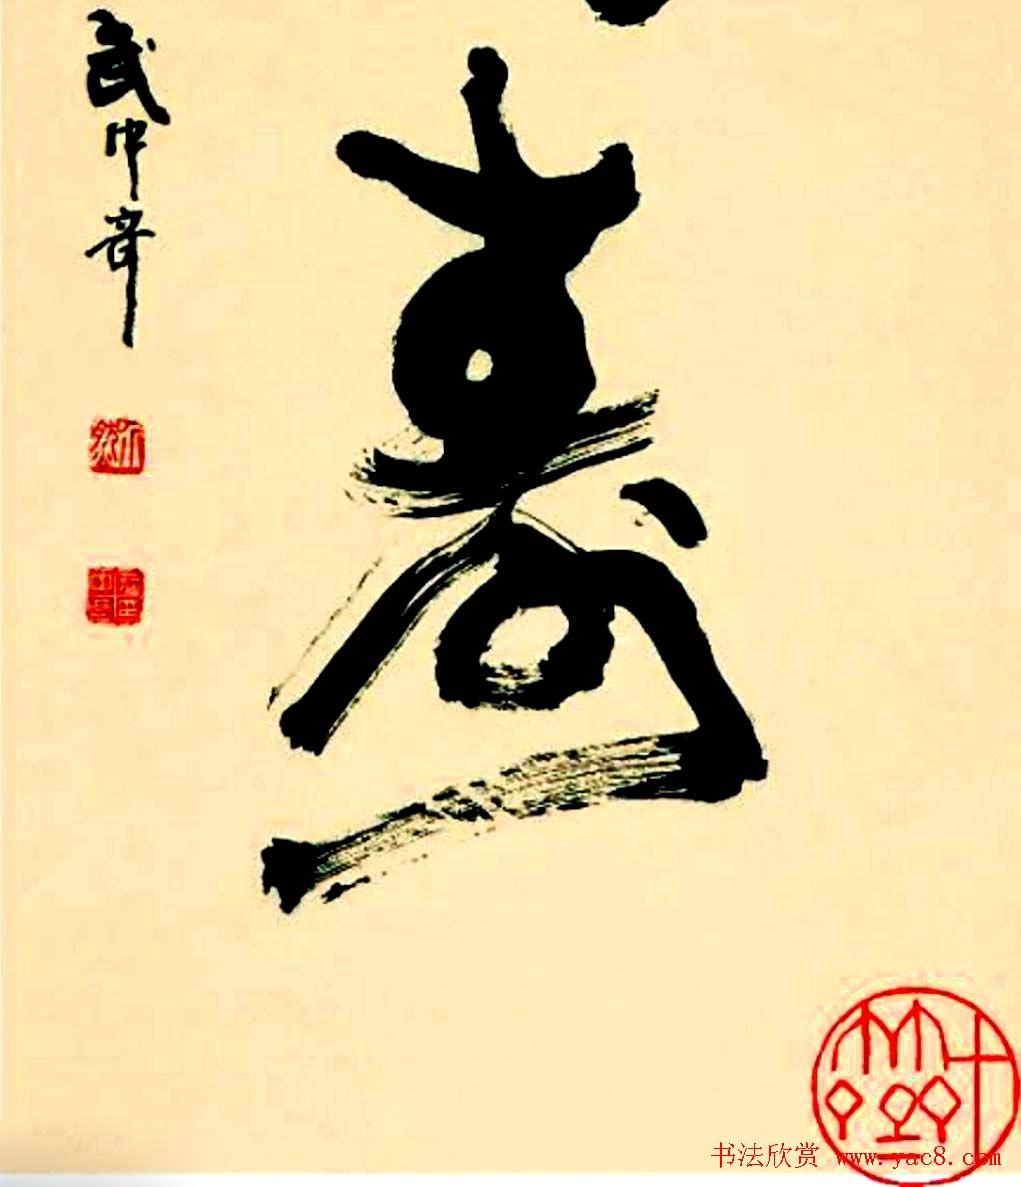 寿字书法作品欣赏武中奇书 第22页 书法专题 书法欣赏